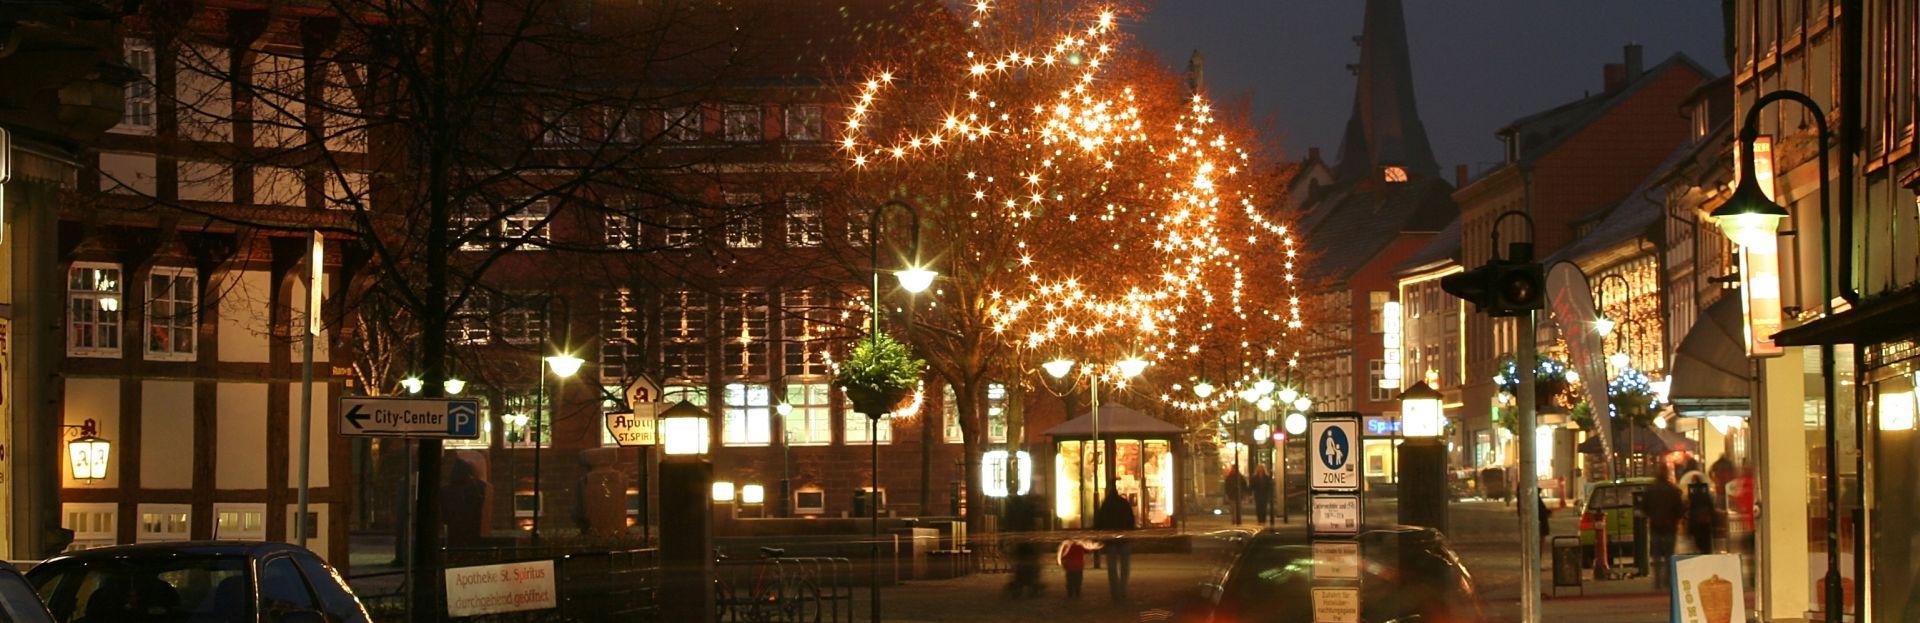 Weihnachtlich geschmückte Innenstadt, Northeim. Fotograf: Frank Hoffmann, Northeim - Teilnehmer des Fotowettbewerbs zum 125-jährigen Geburtstag des Landkreises.